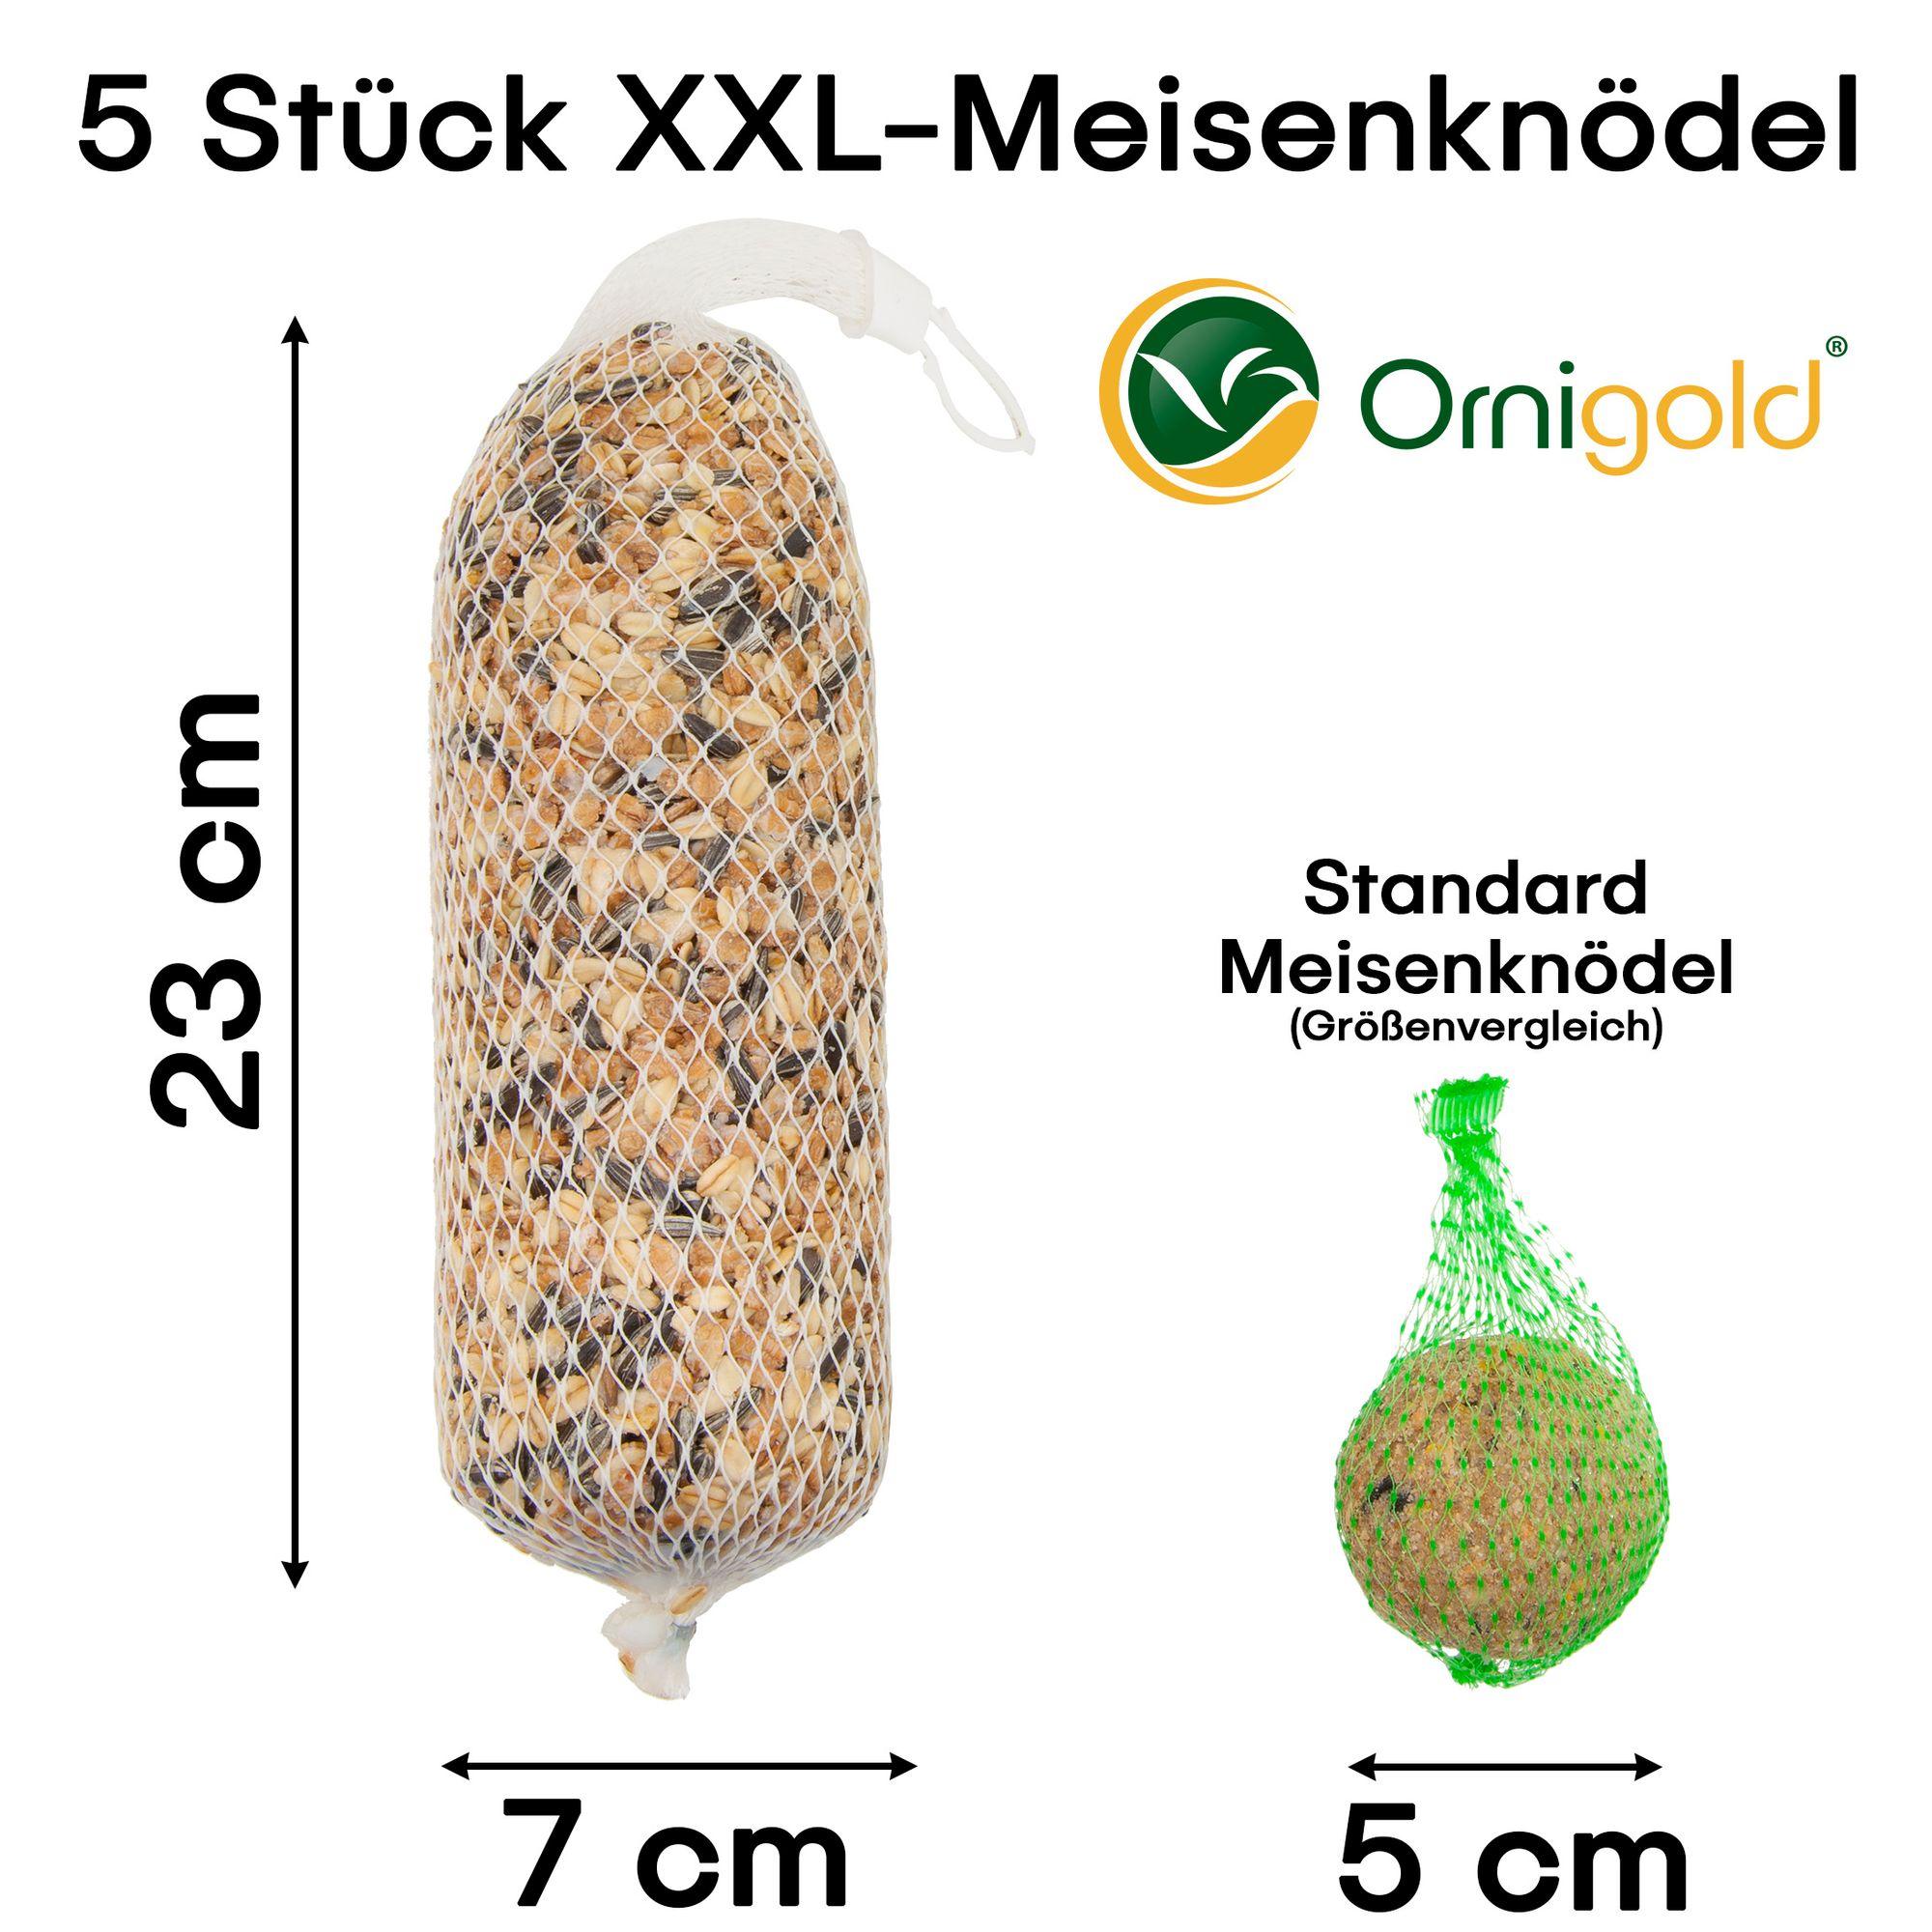 5 Premium Meisenknödel XXL mit Netz von Ornigold